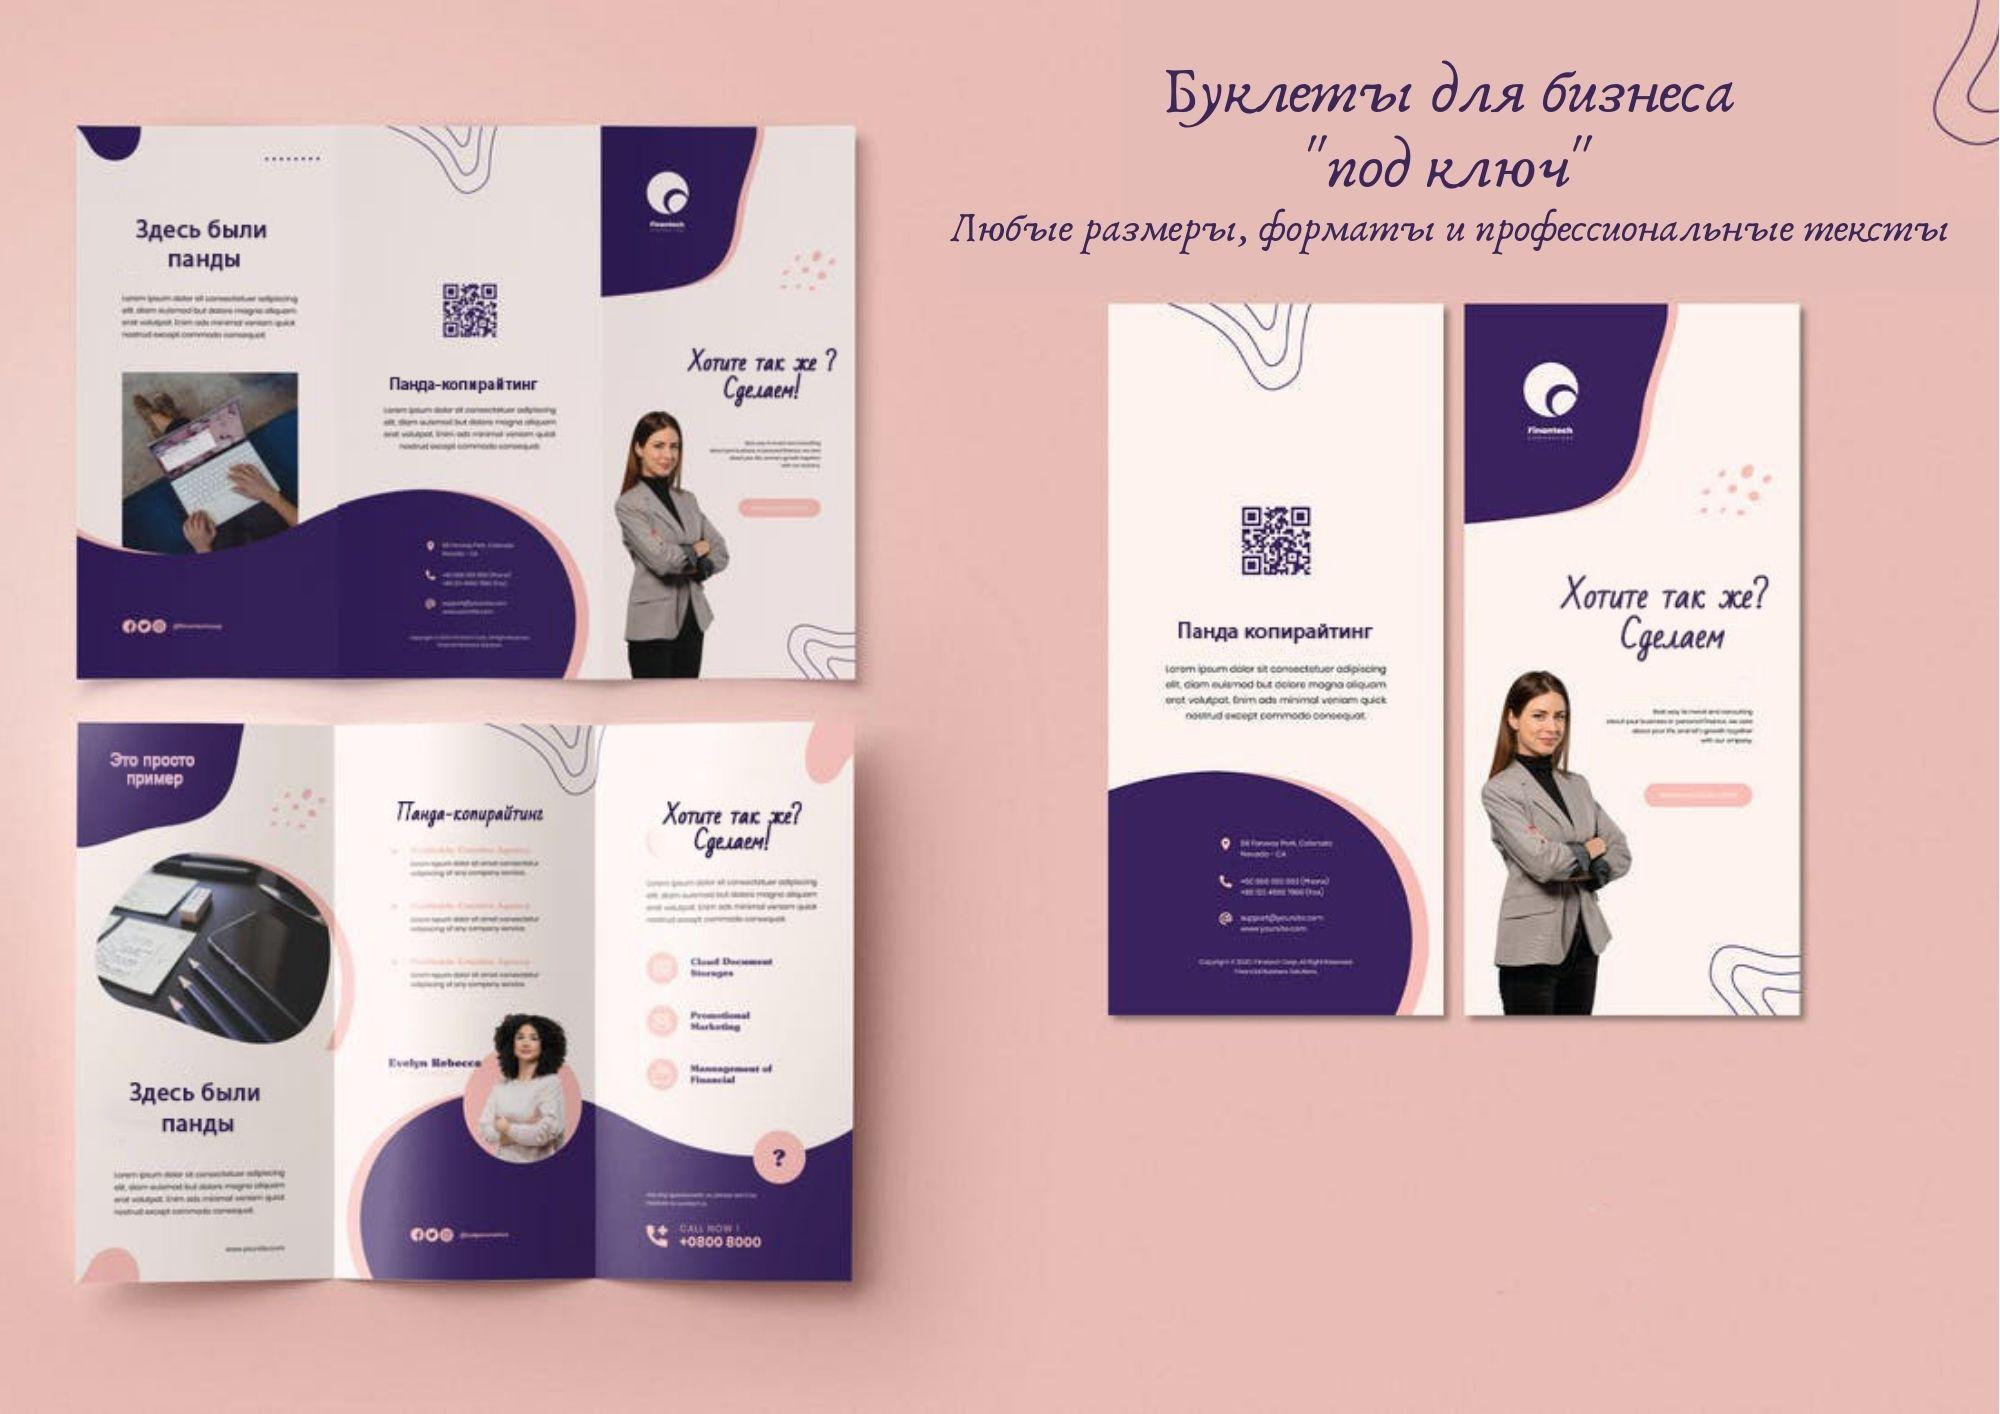 Креативный буклет, пример дизайна